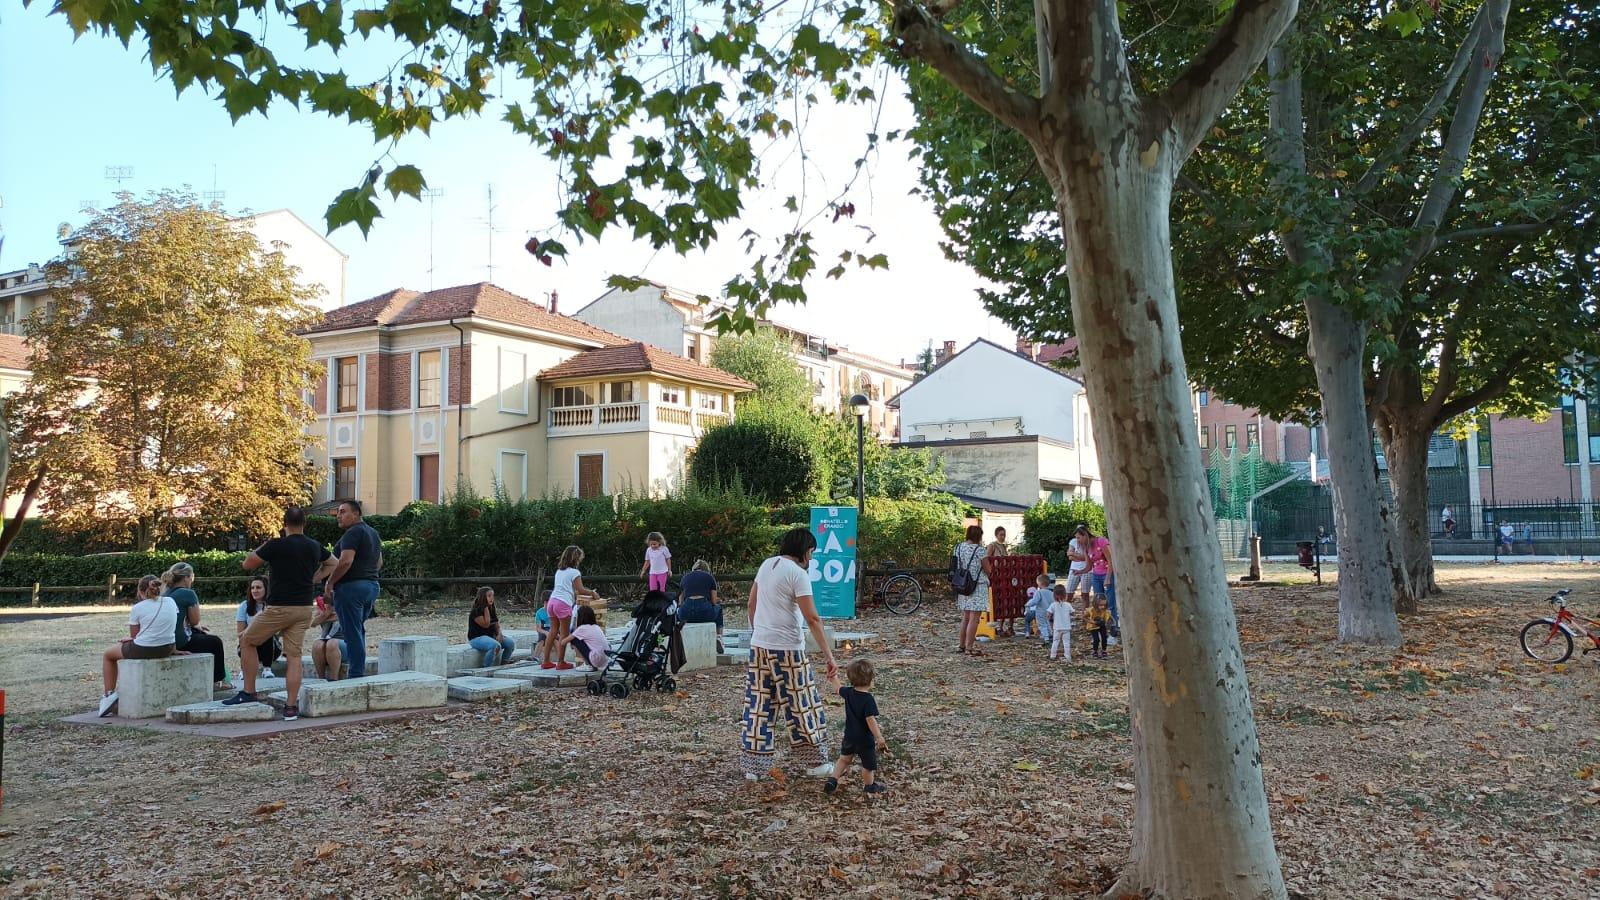 Cuneo - Grandi giochi al quartiere Gramsci